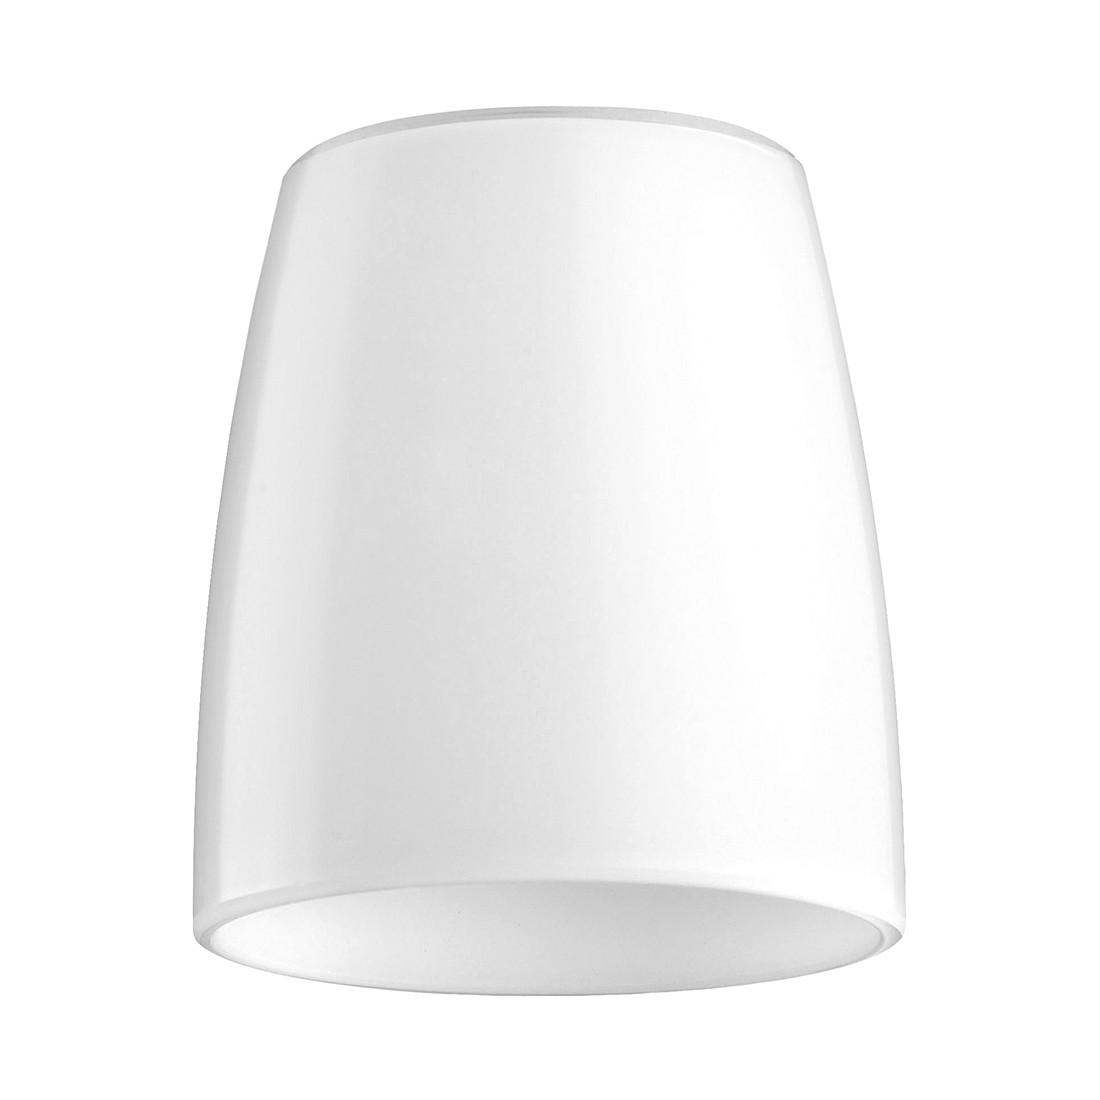 Accessoire M6 licht/spot18 - opaalkleurig glanzend wit glas, Fischer Leuchten